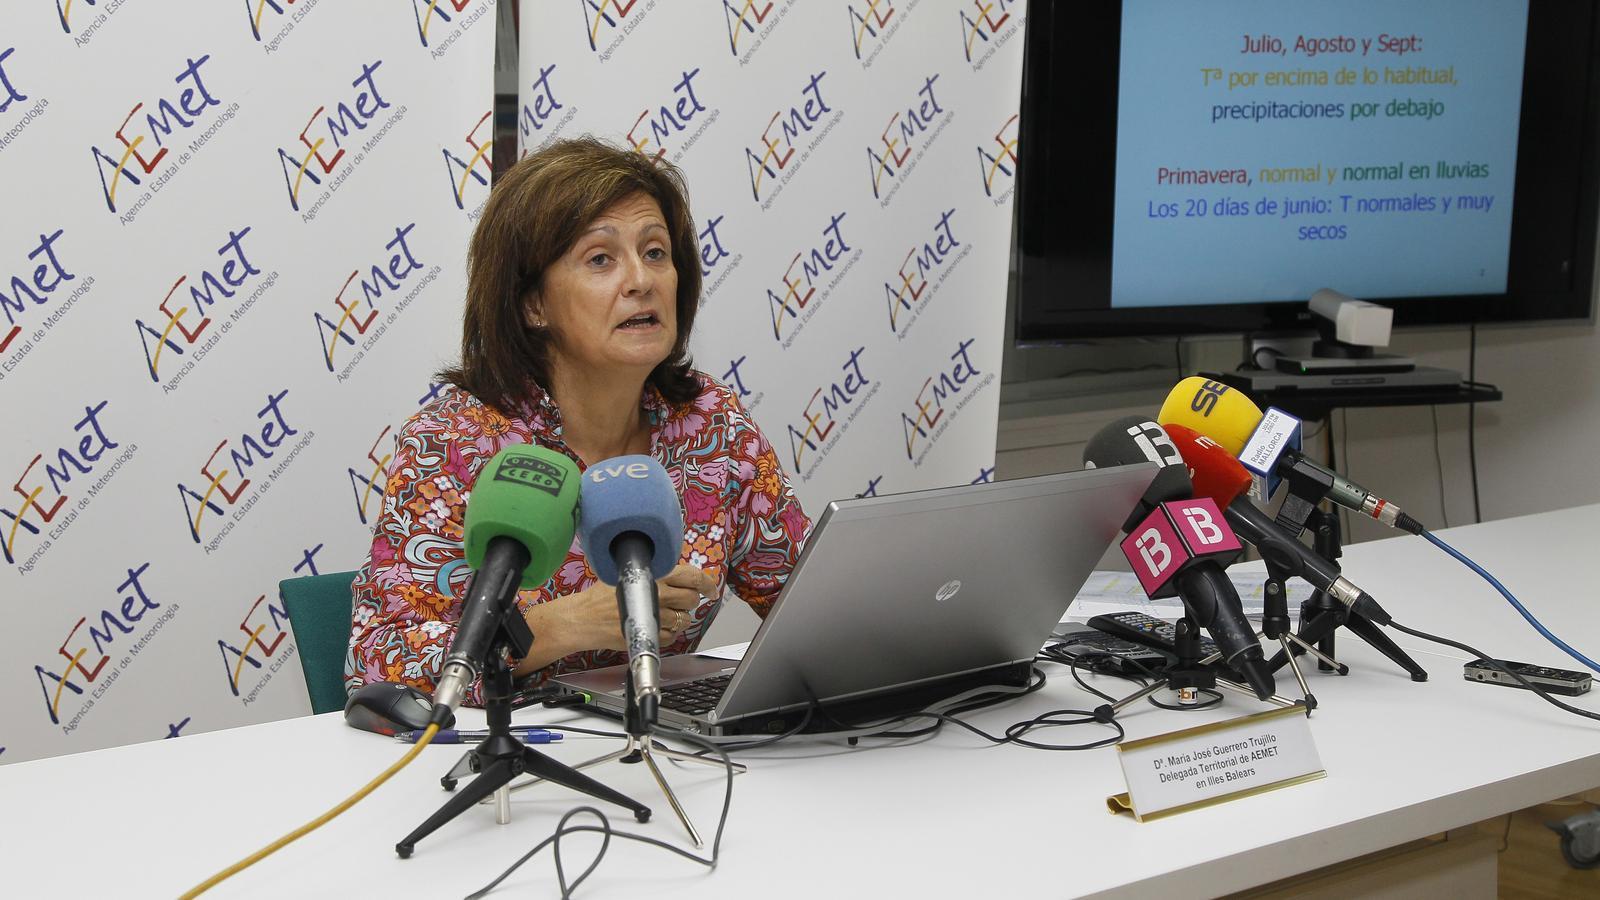 La delegada territorial de l'Aemet a les Balears, Maria José Guerrero, a la roda de premsa d'aquest dimecres.